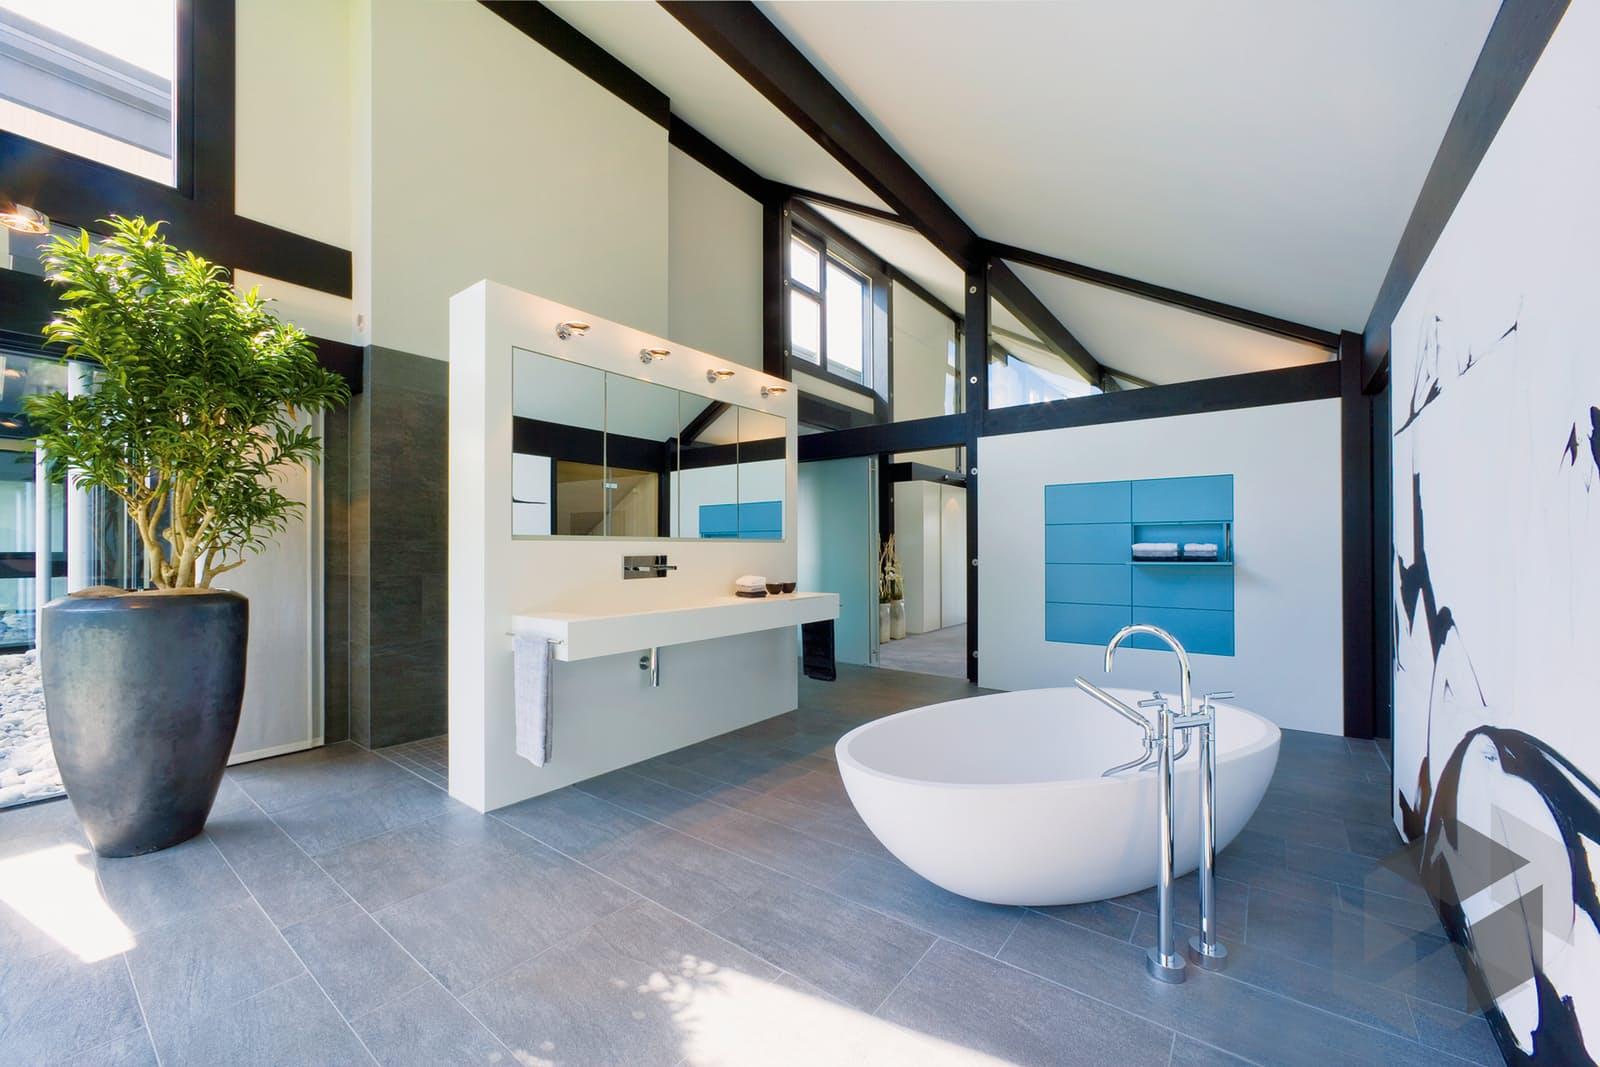 huf haus art 9 von huf haus komplette daten bersicht. Black Bedroom Furniture Sets. Home Design Ideas